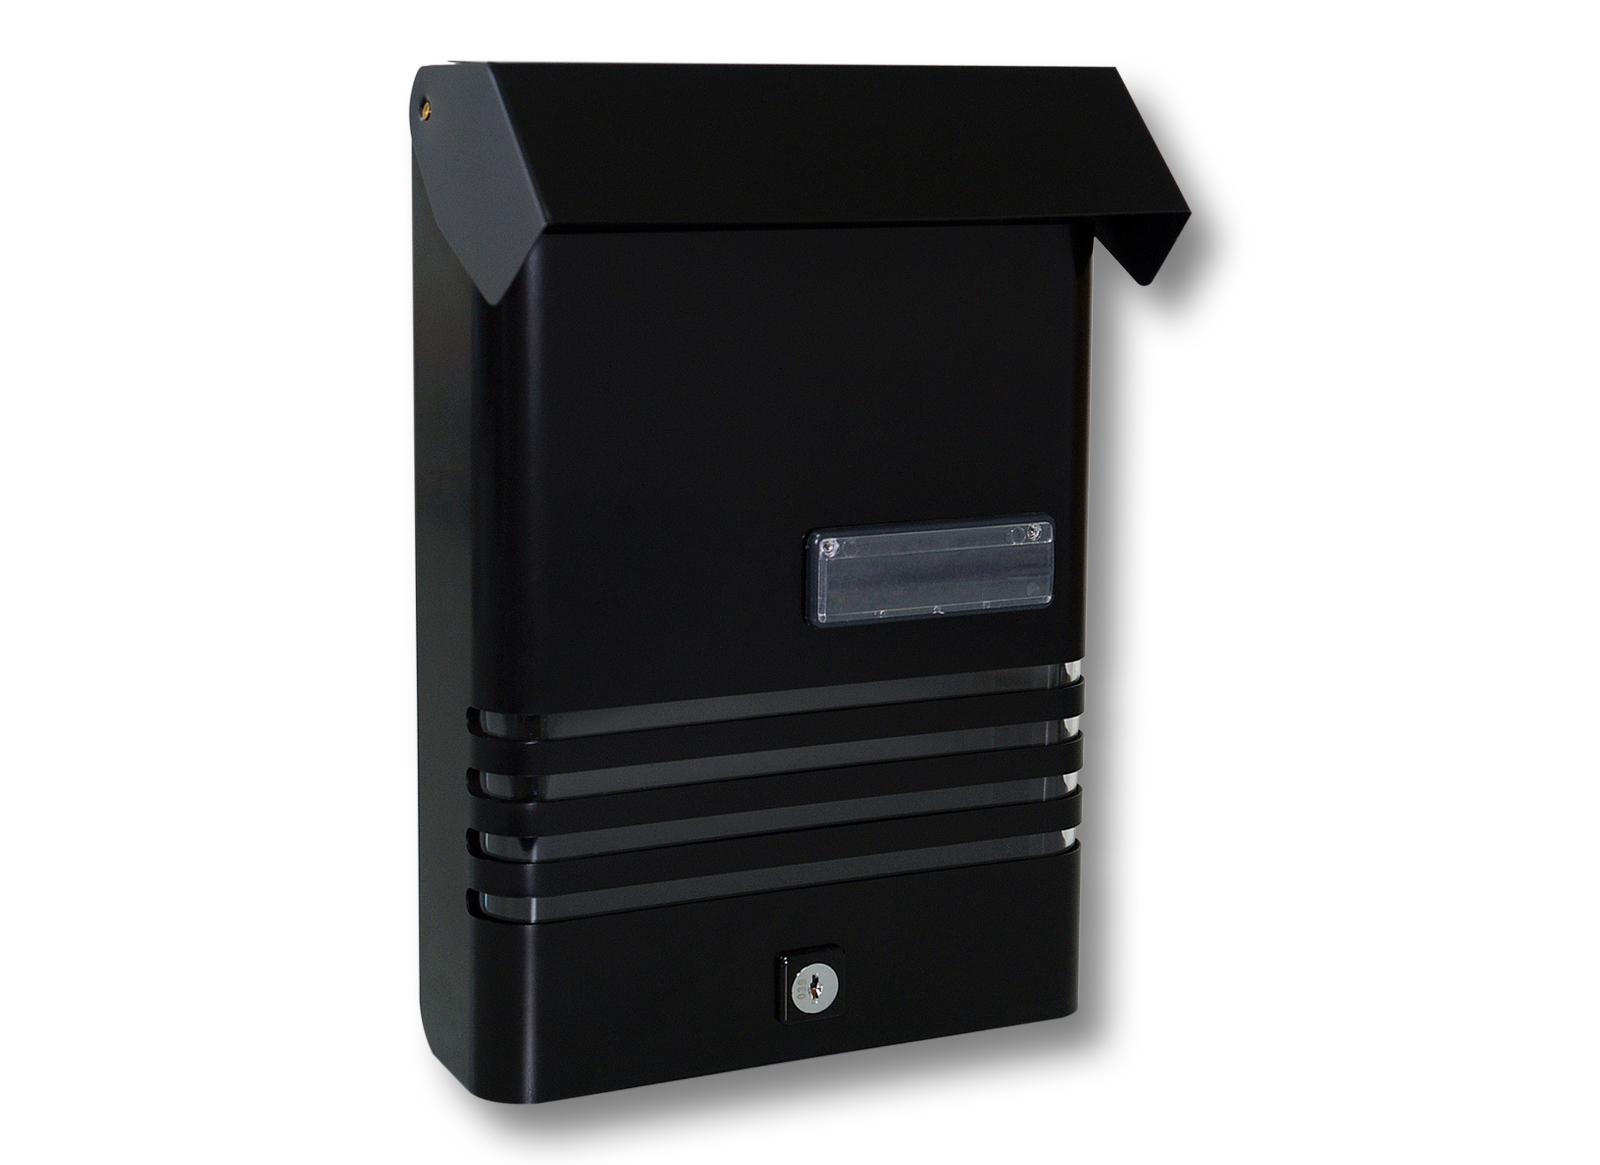 boite aux lettres aluminium noir porte nom boite murale. Black Bedroom Furniture Sets. Home Design Ideas